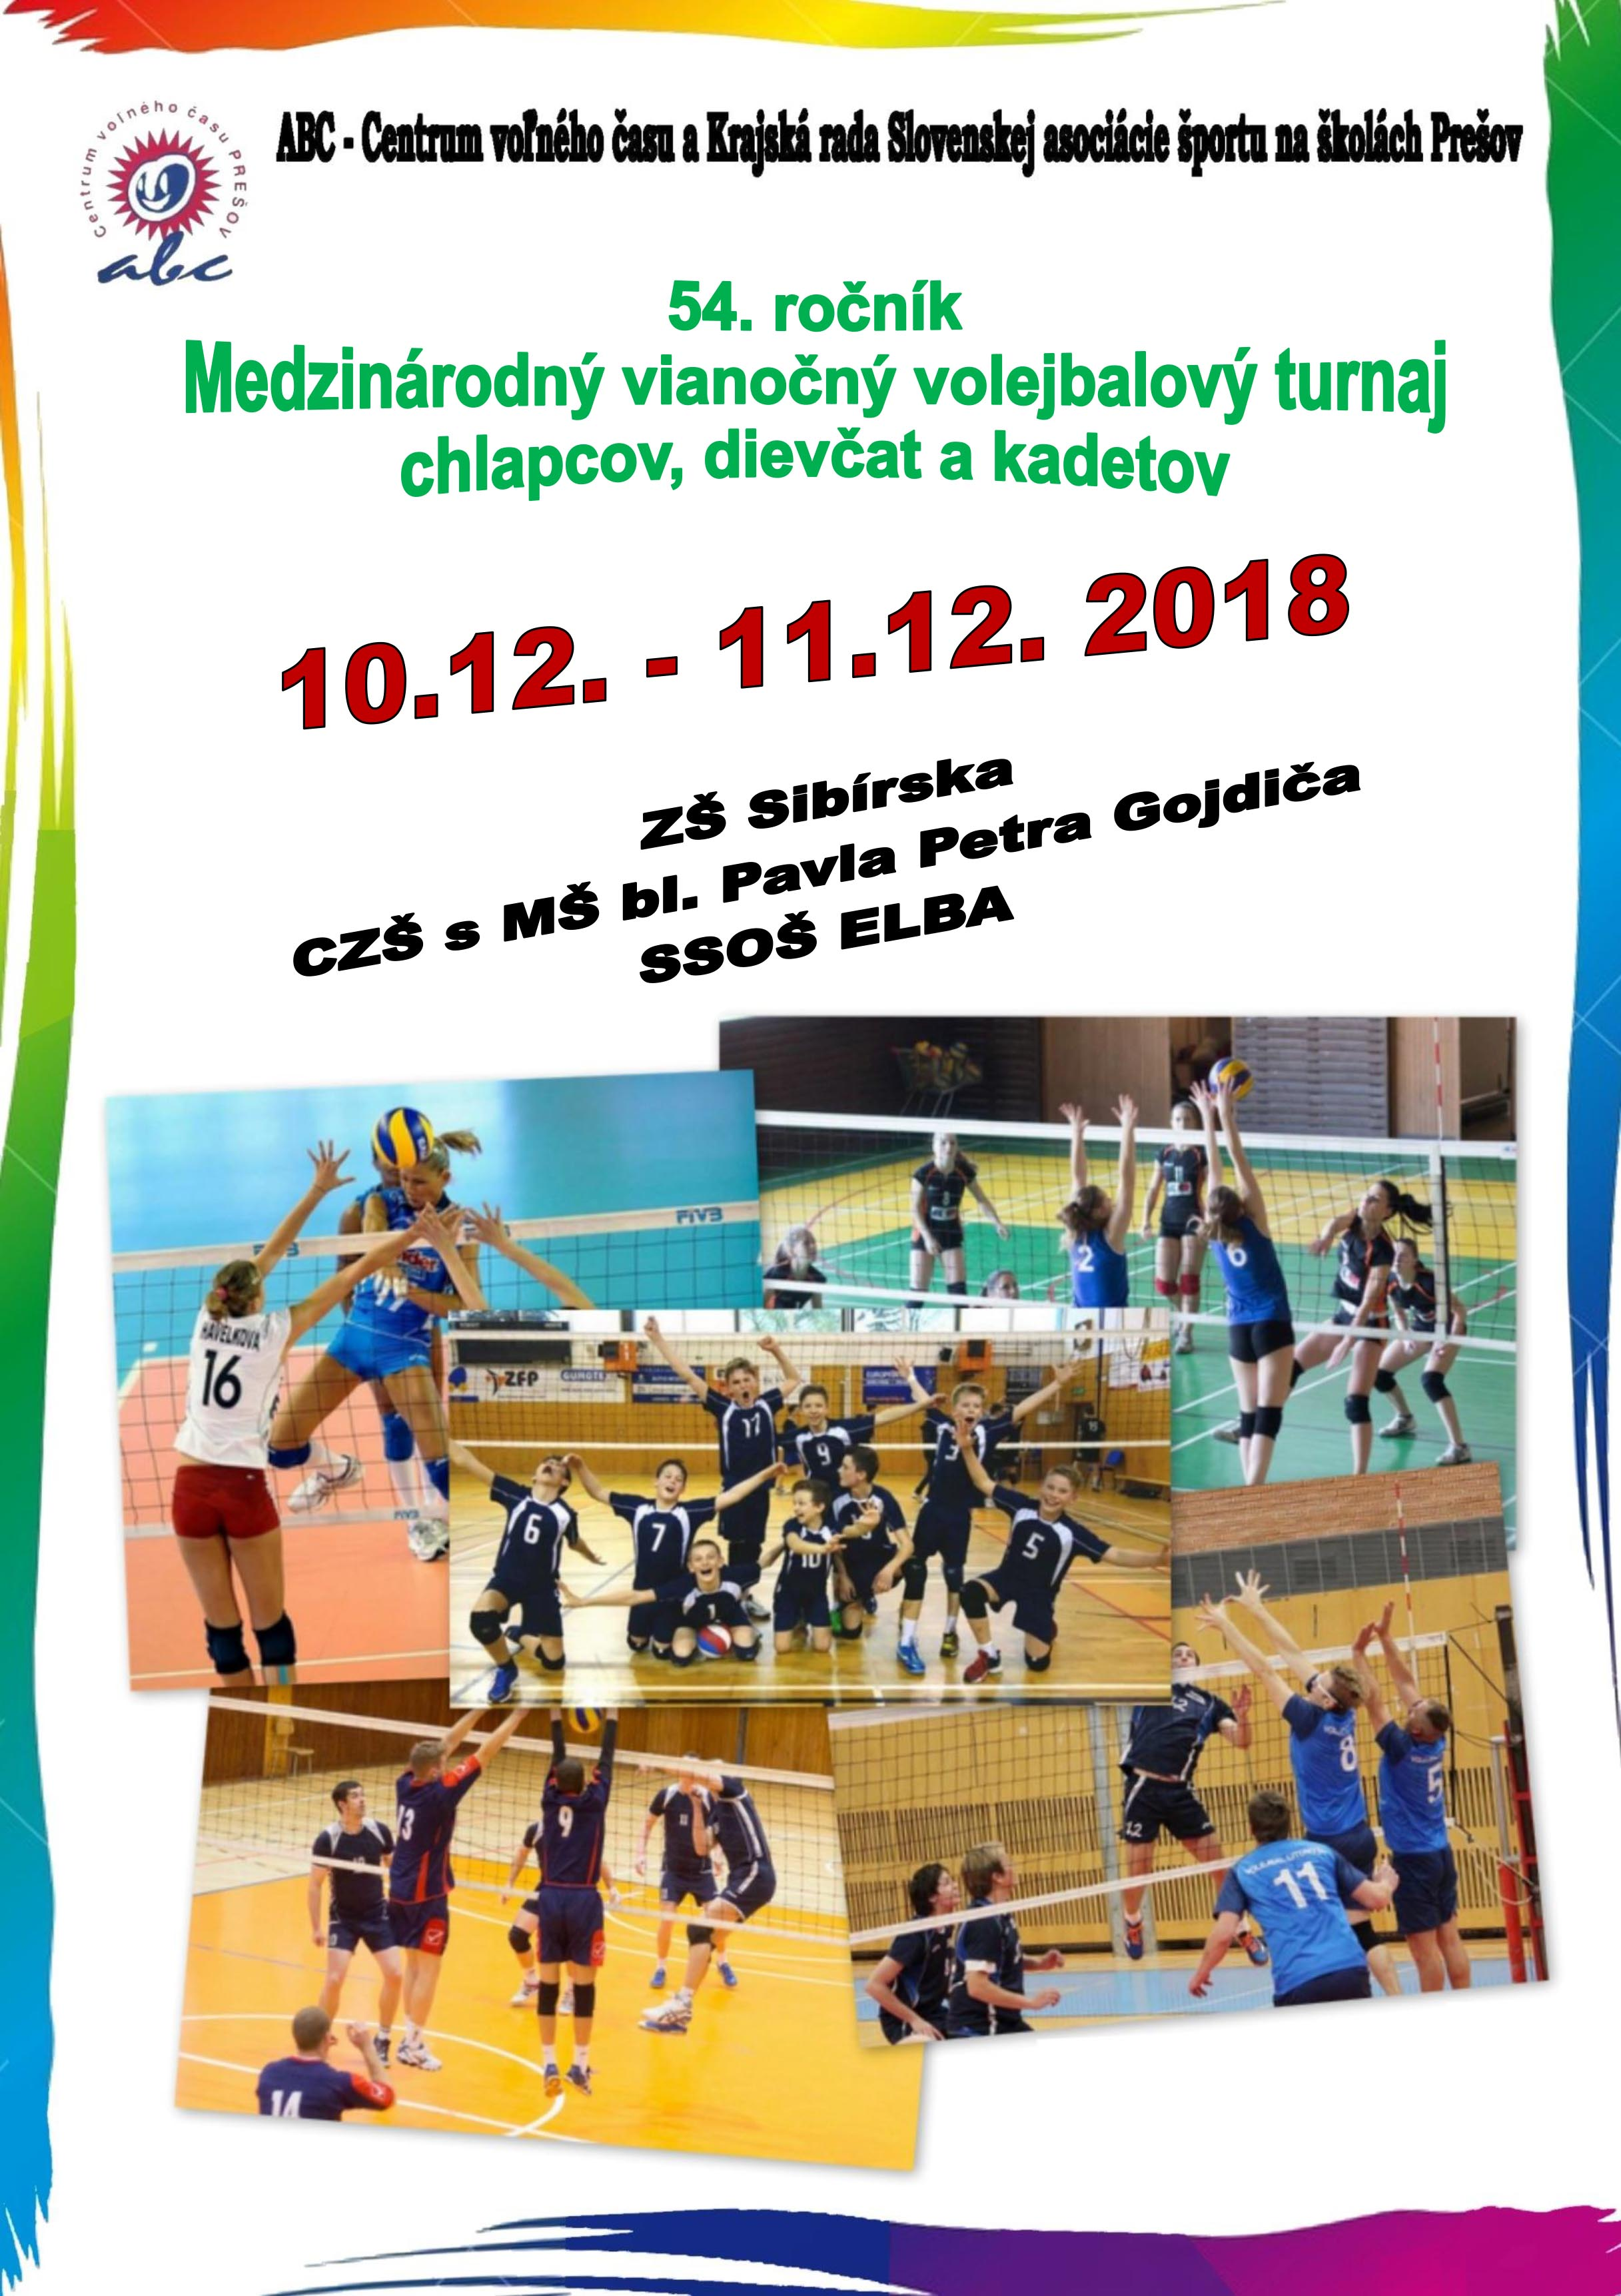 V Prešove sa uskutoční 54. ročník vianočného turnaja žiačok 8448e8b288